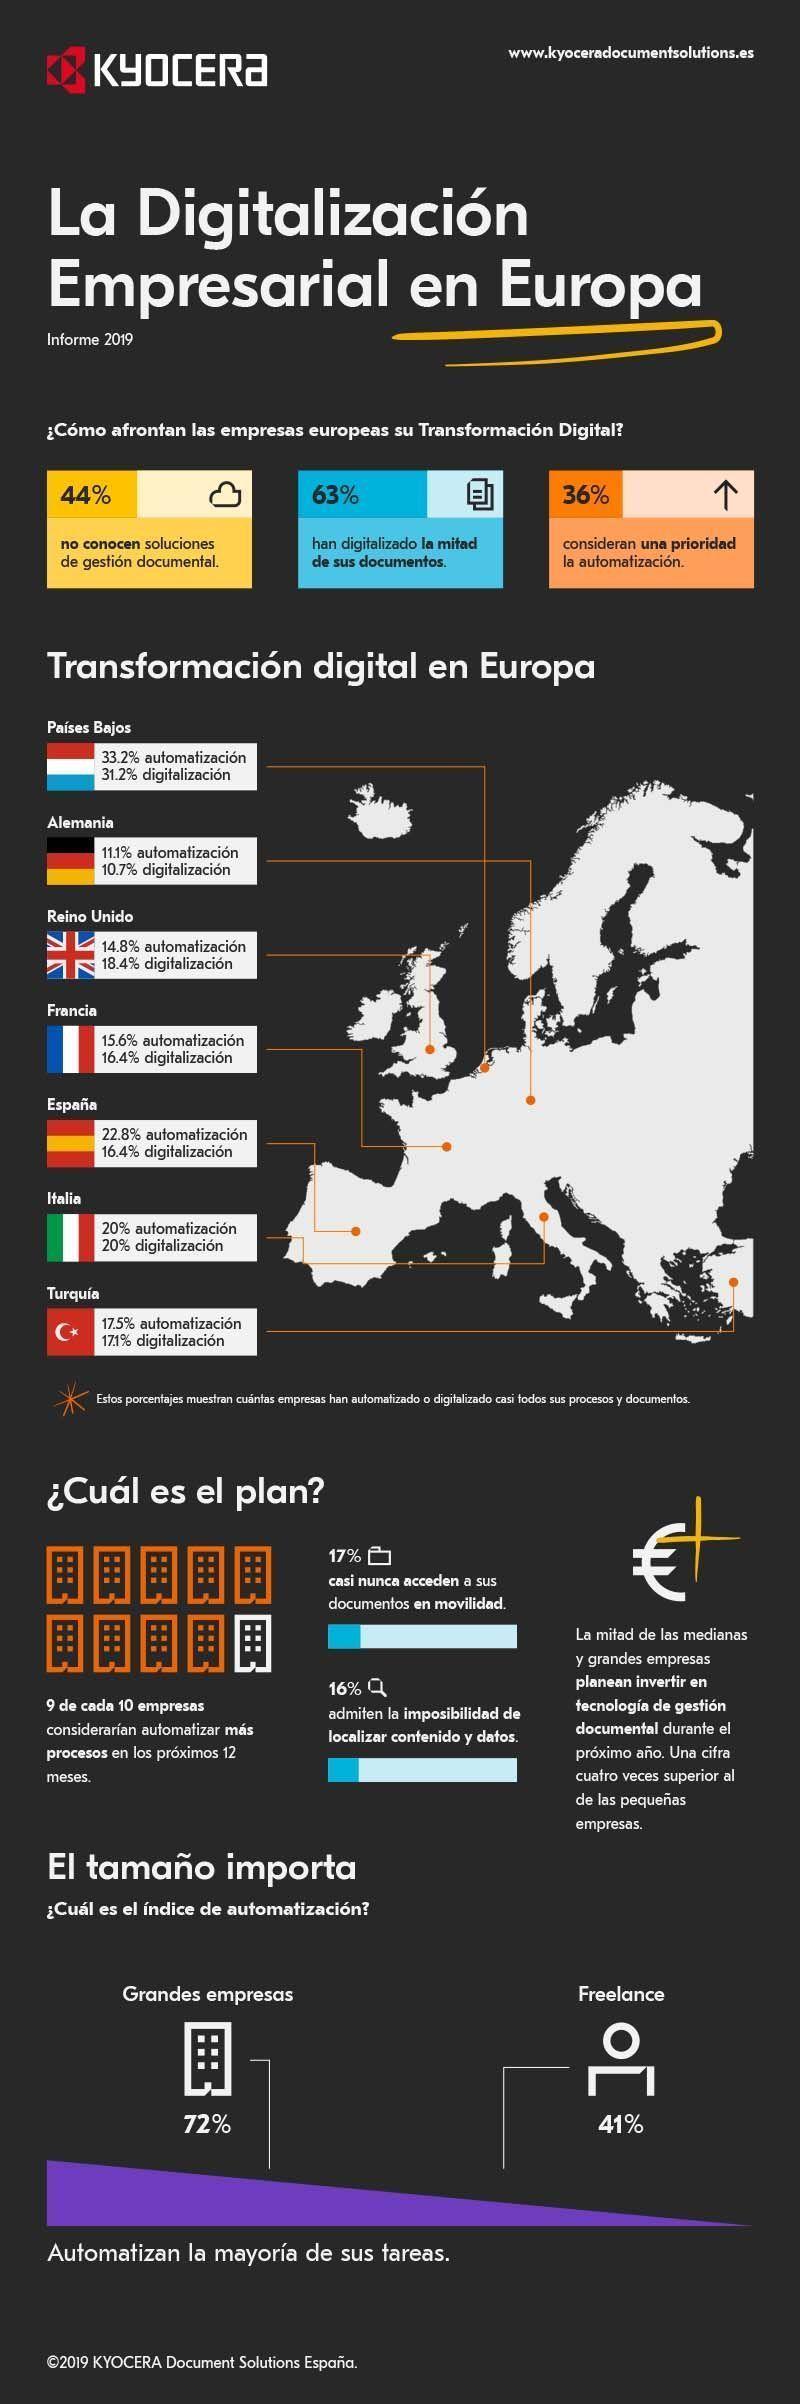 Digitalización Empresarial en Europa 2019